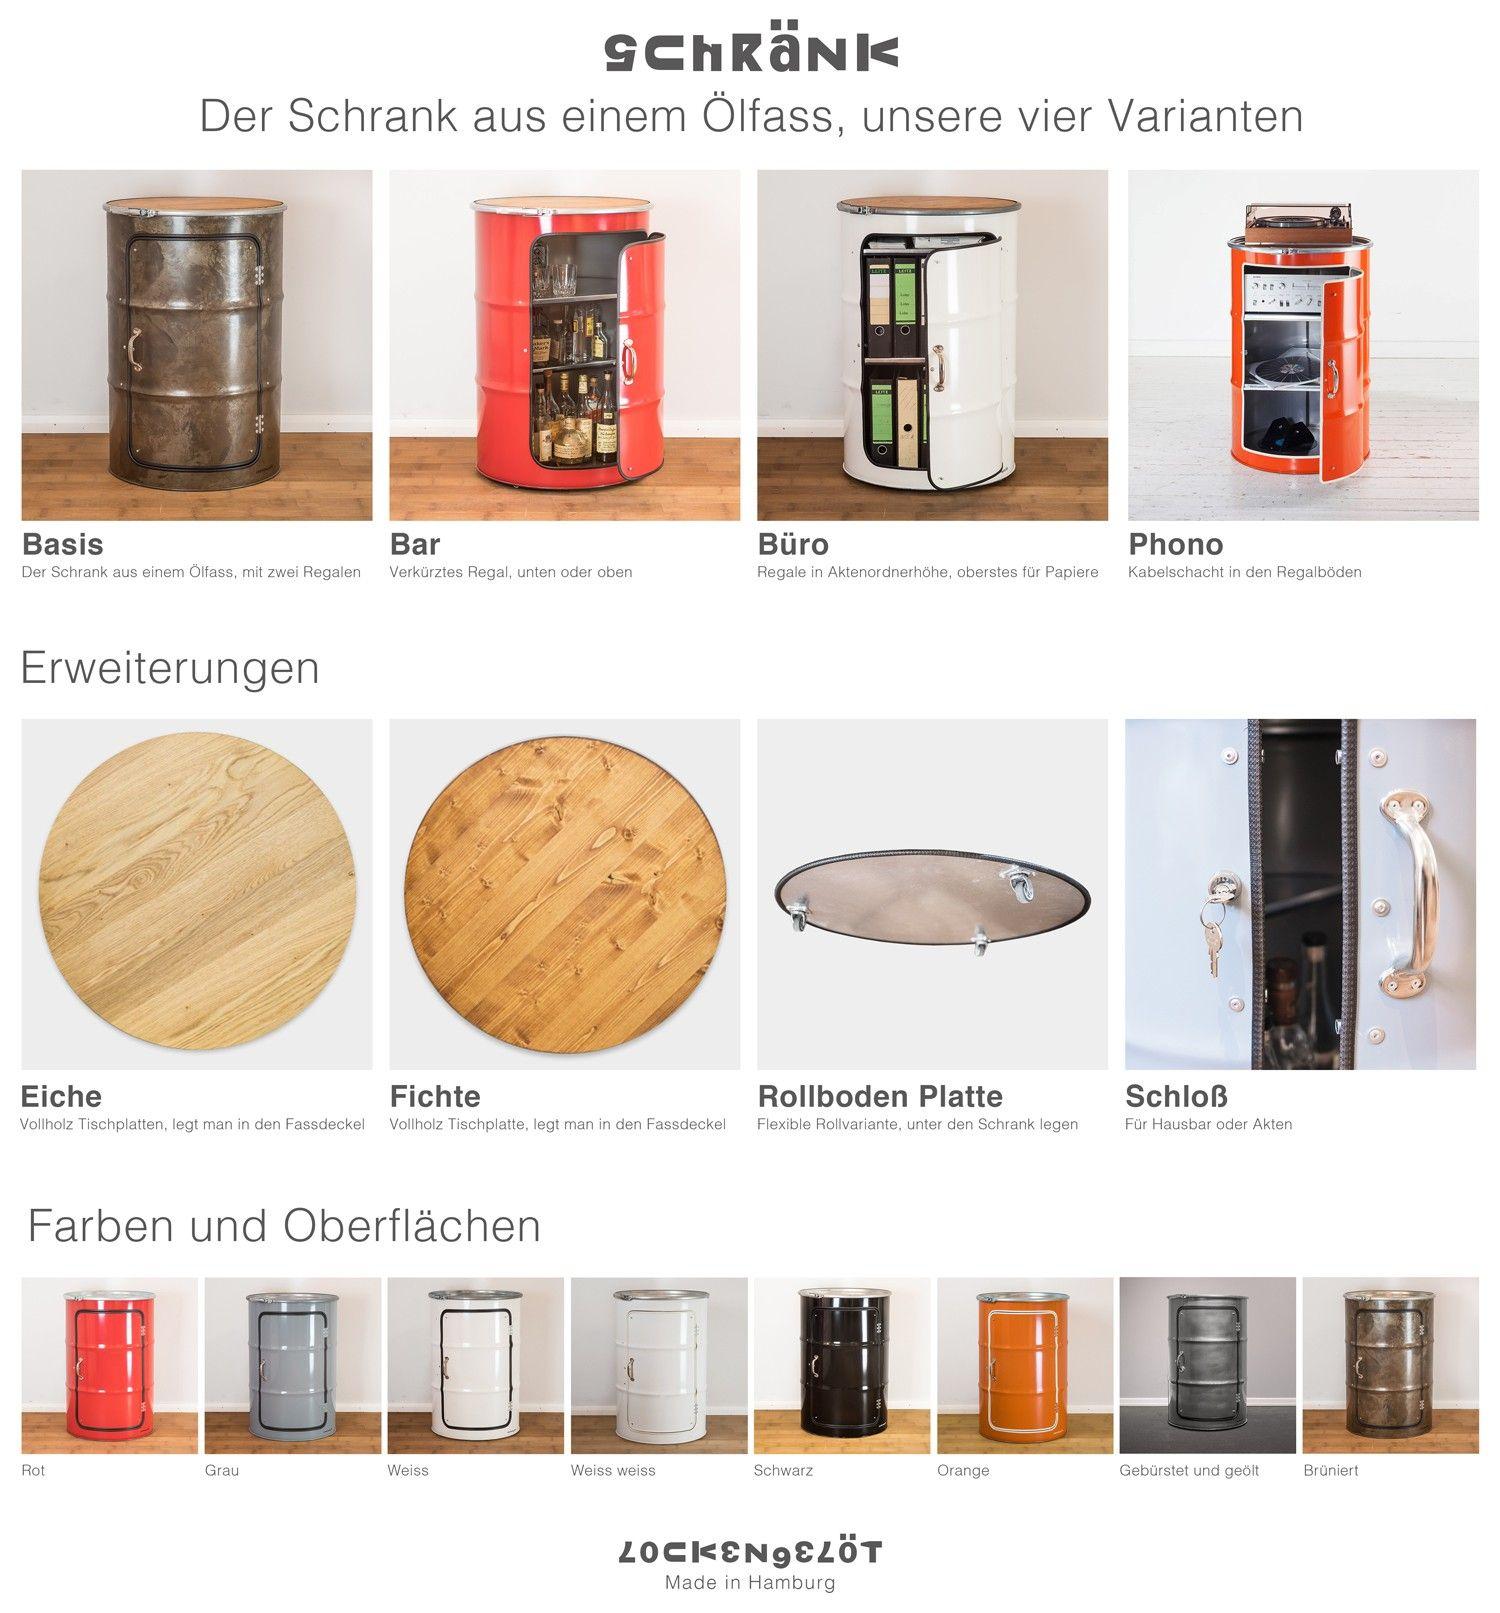 Schränk | idée business | Pinterest | Ölfass, Hausbars und Schränkchen